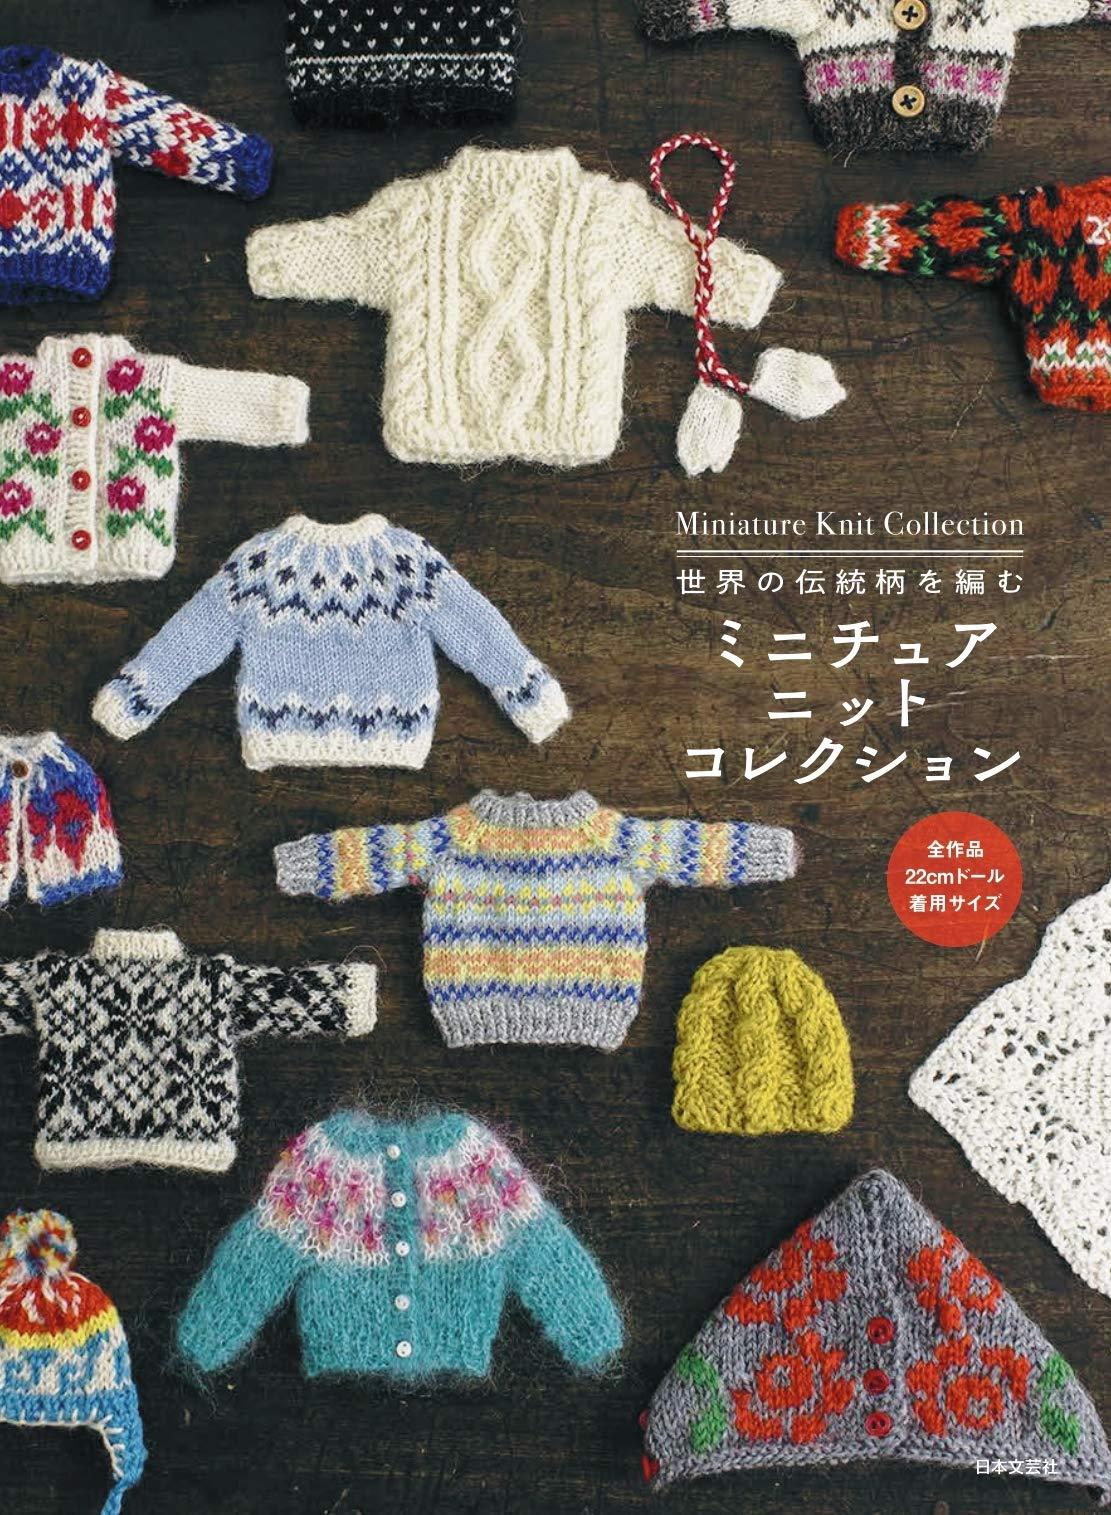 世界の傳統柄を編む ミニチュア·ニットコレクション: 世界の傳統柄を編む